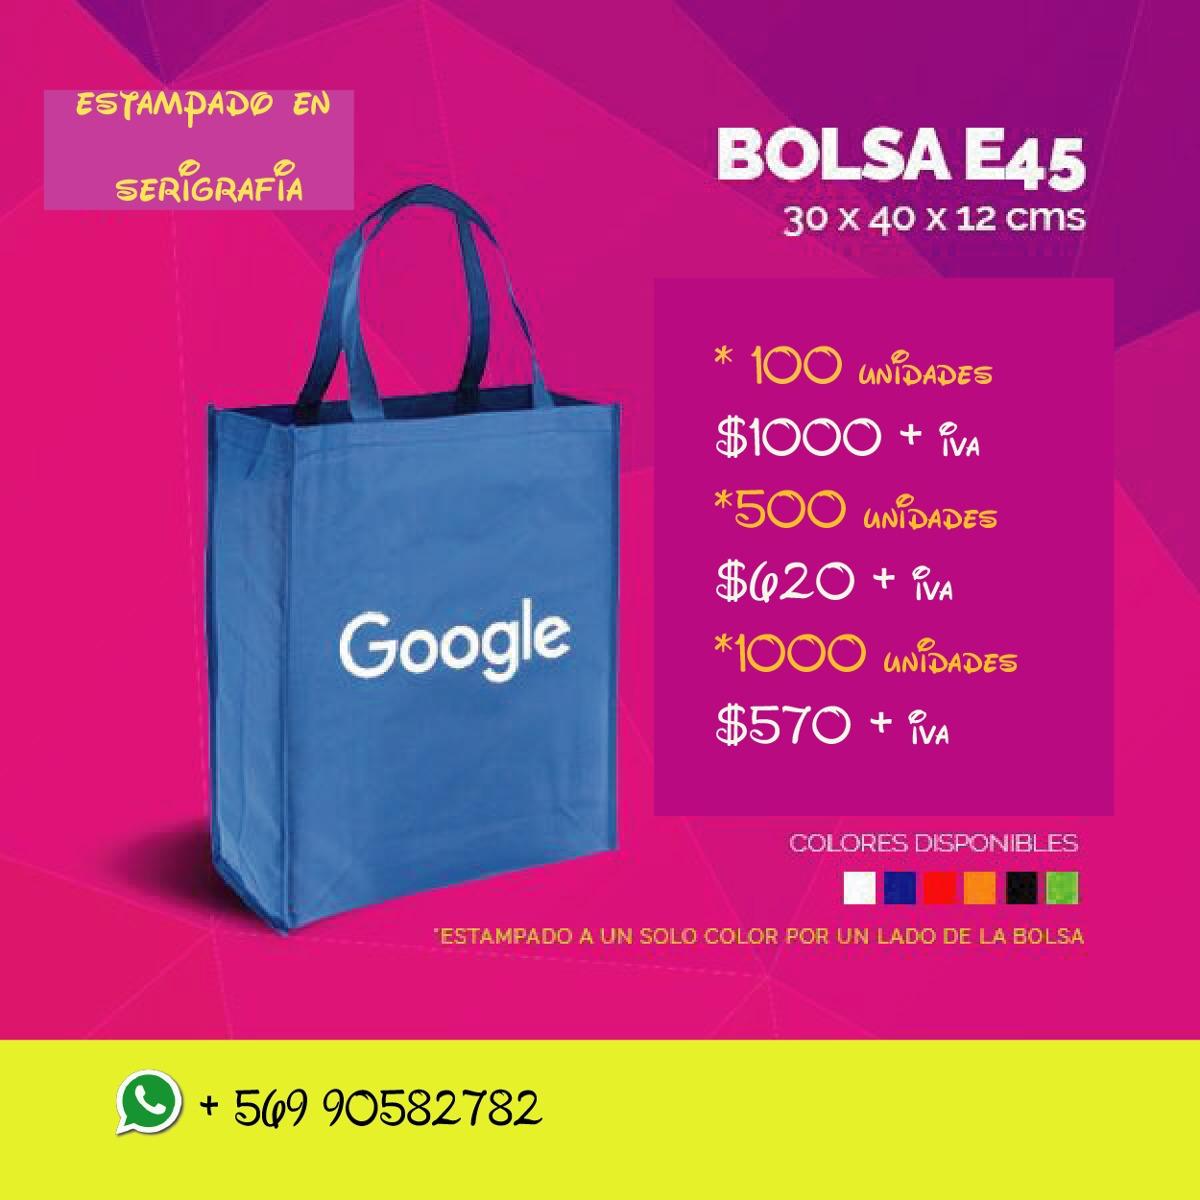 3e24d6b33 Bolsas Ecologicas Personalizadas - $ 820 en Mercado Libre